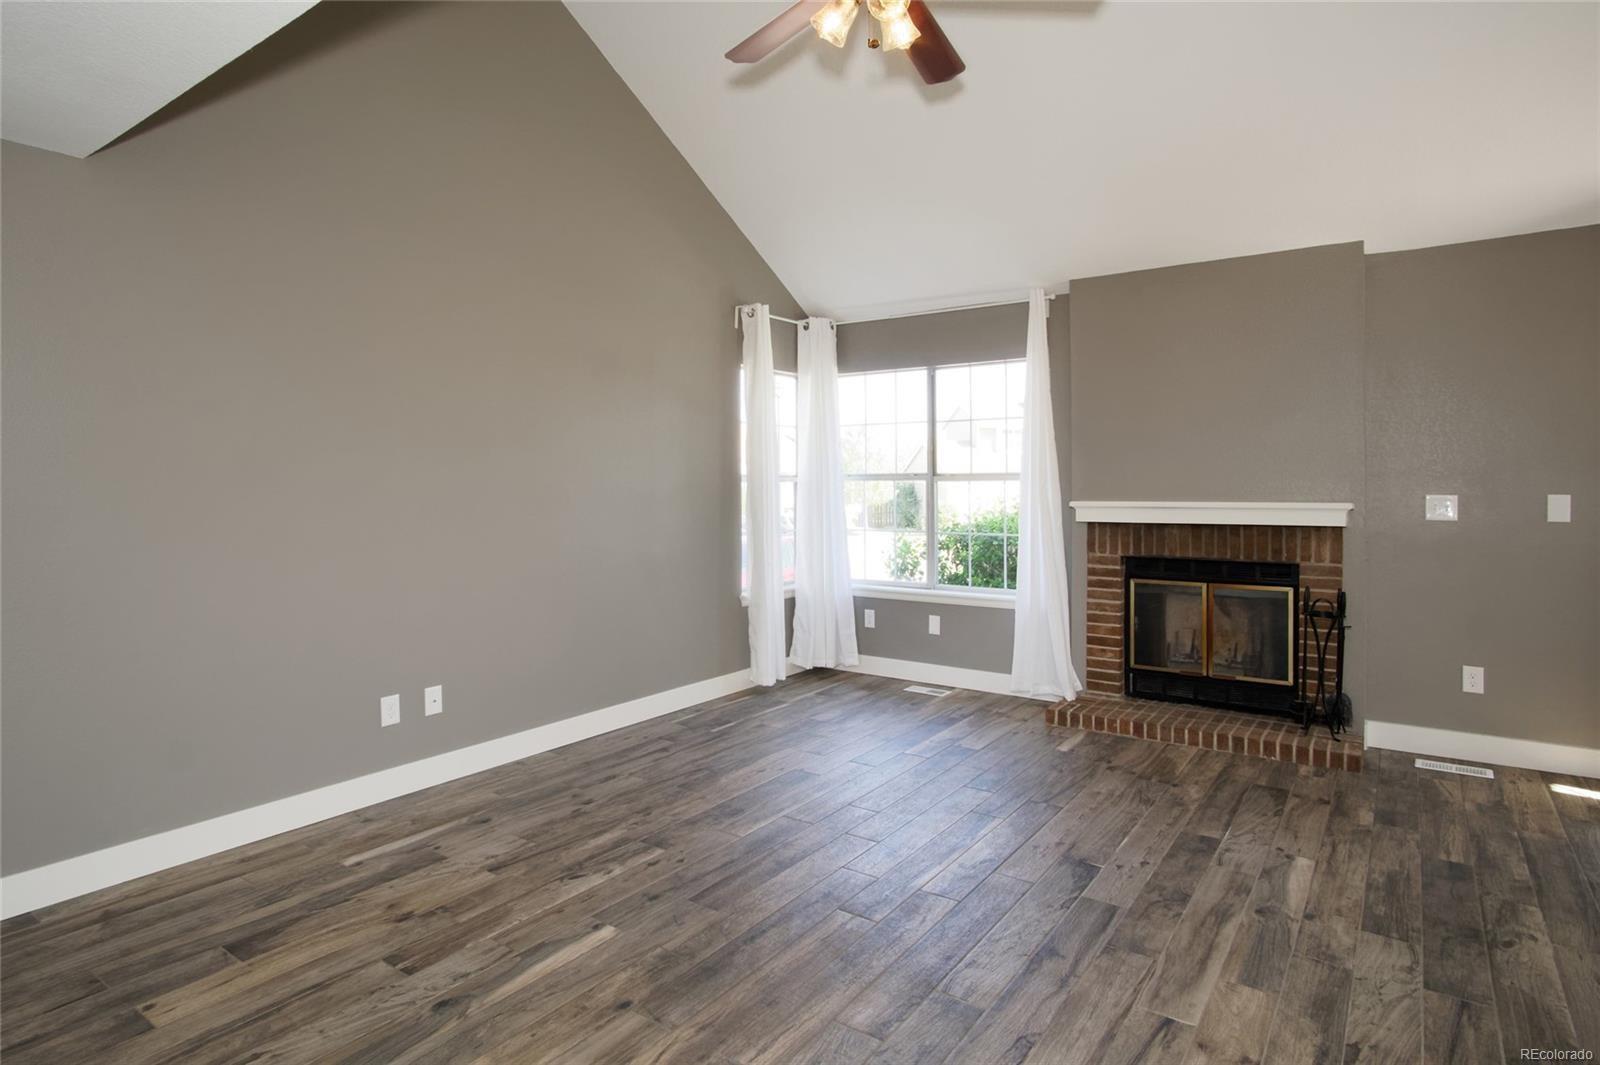 MLS# 6343588 - 7 - 522 Lindenwood Court, Highlands Ranch, CO 80126